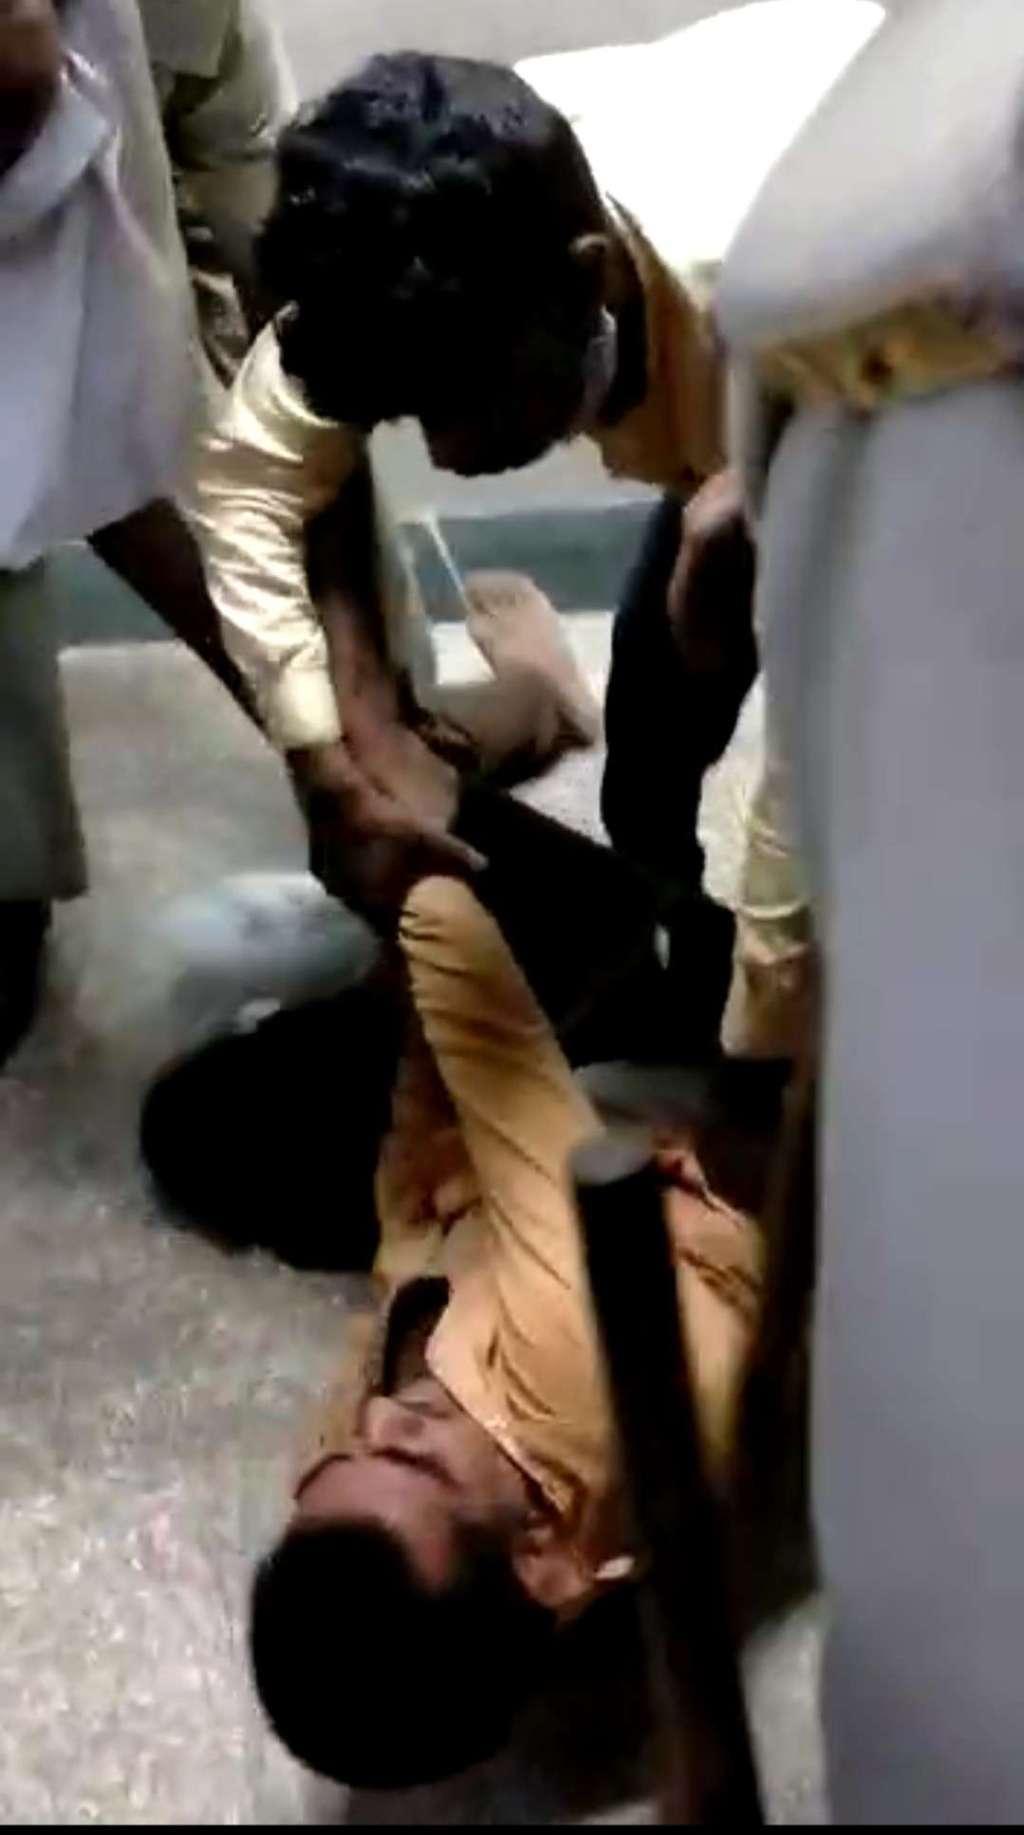 Hardoi News: चोर को पहले लोगों ने जमकर पीटा, मौके पर पहुंची पुलिस ने बचाने के बजाय खुद बूटों से की पिटाई